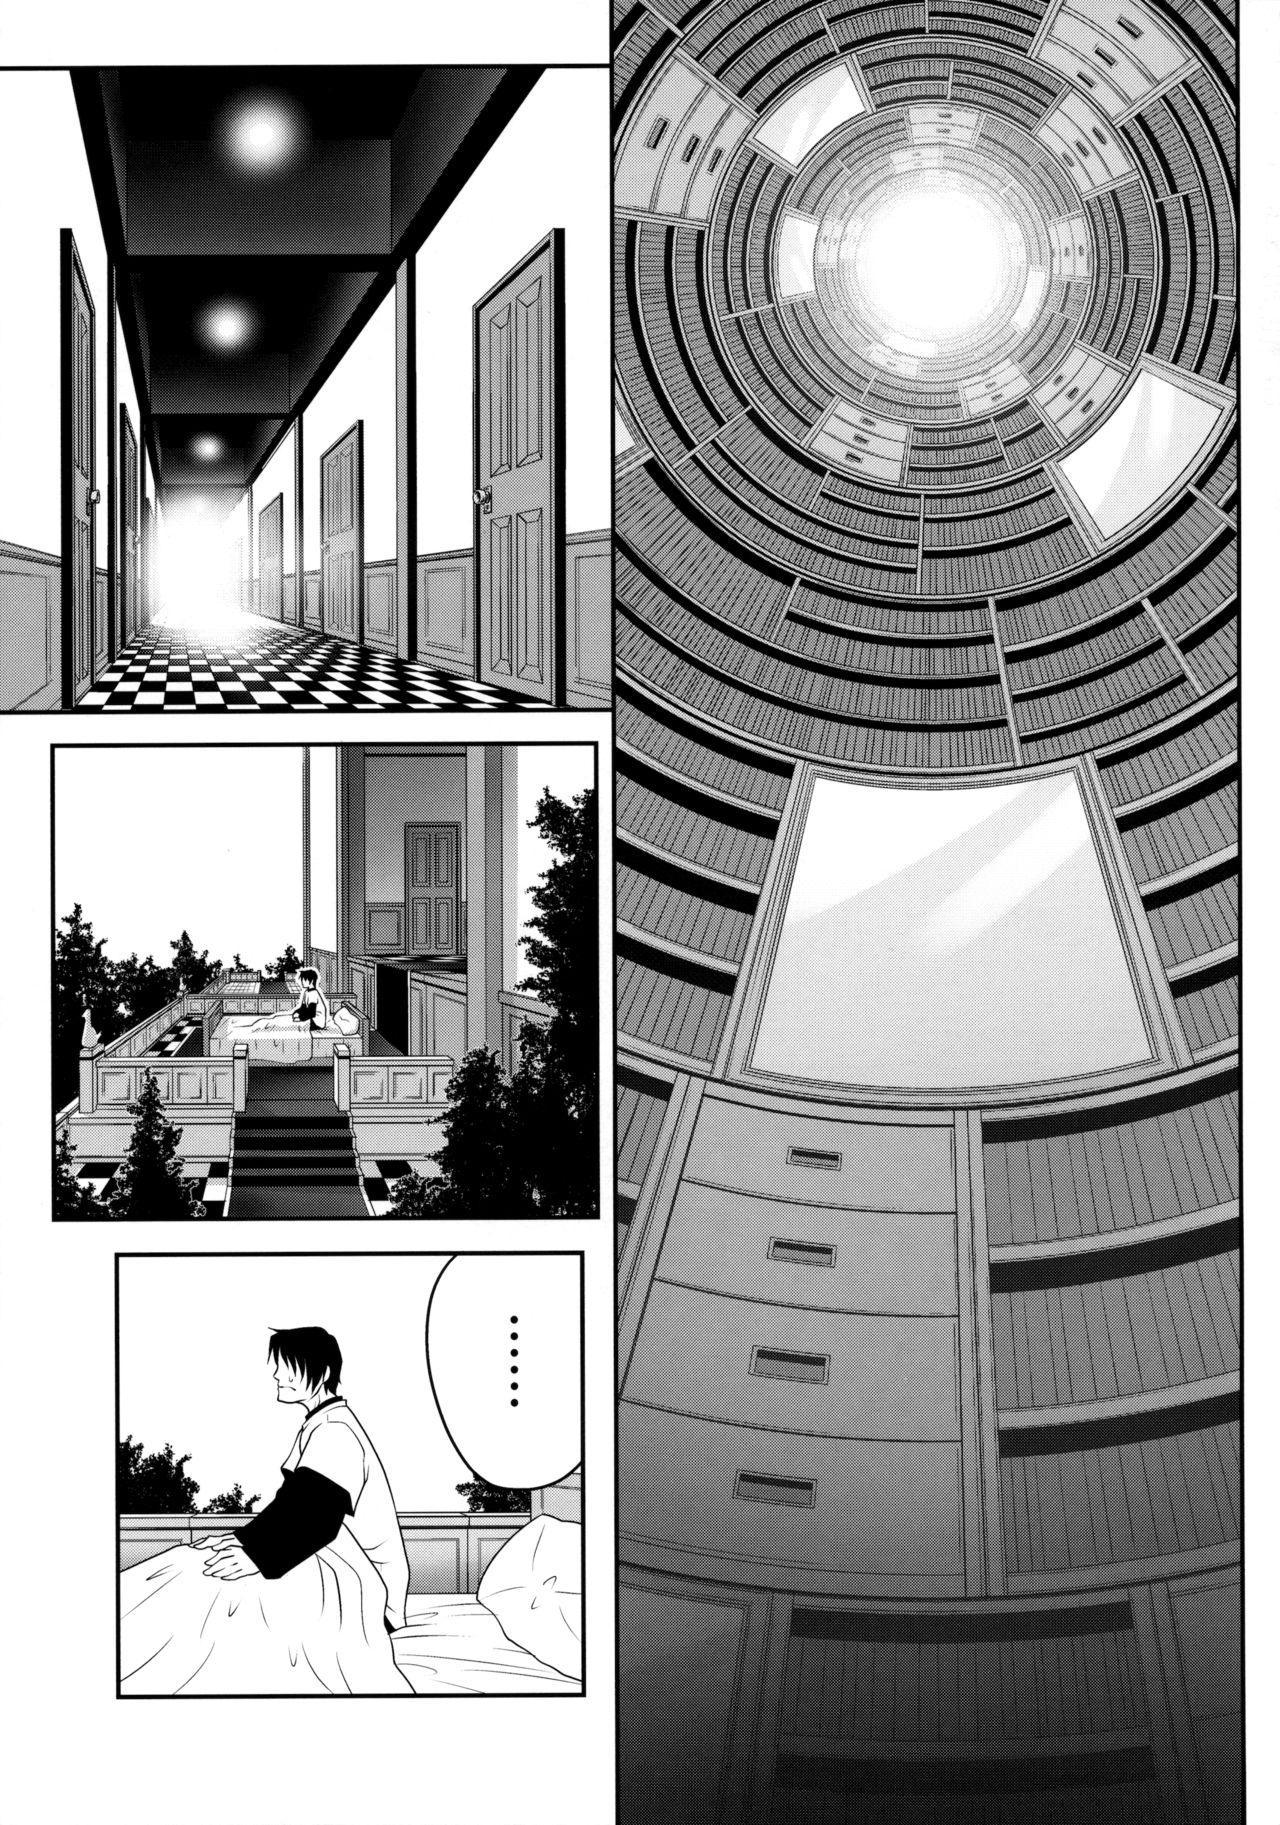 Naka ni Dashichau Koibito Gokko 3